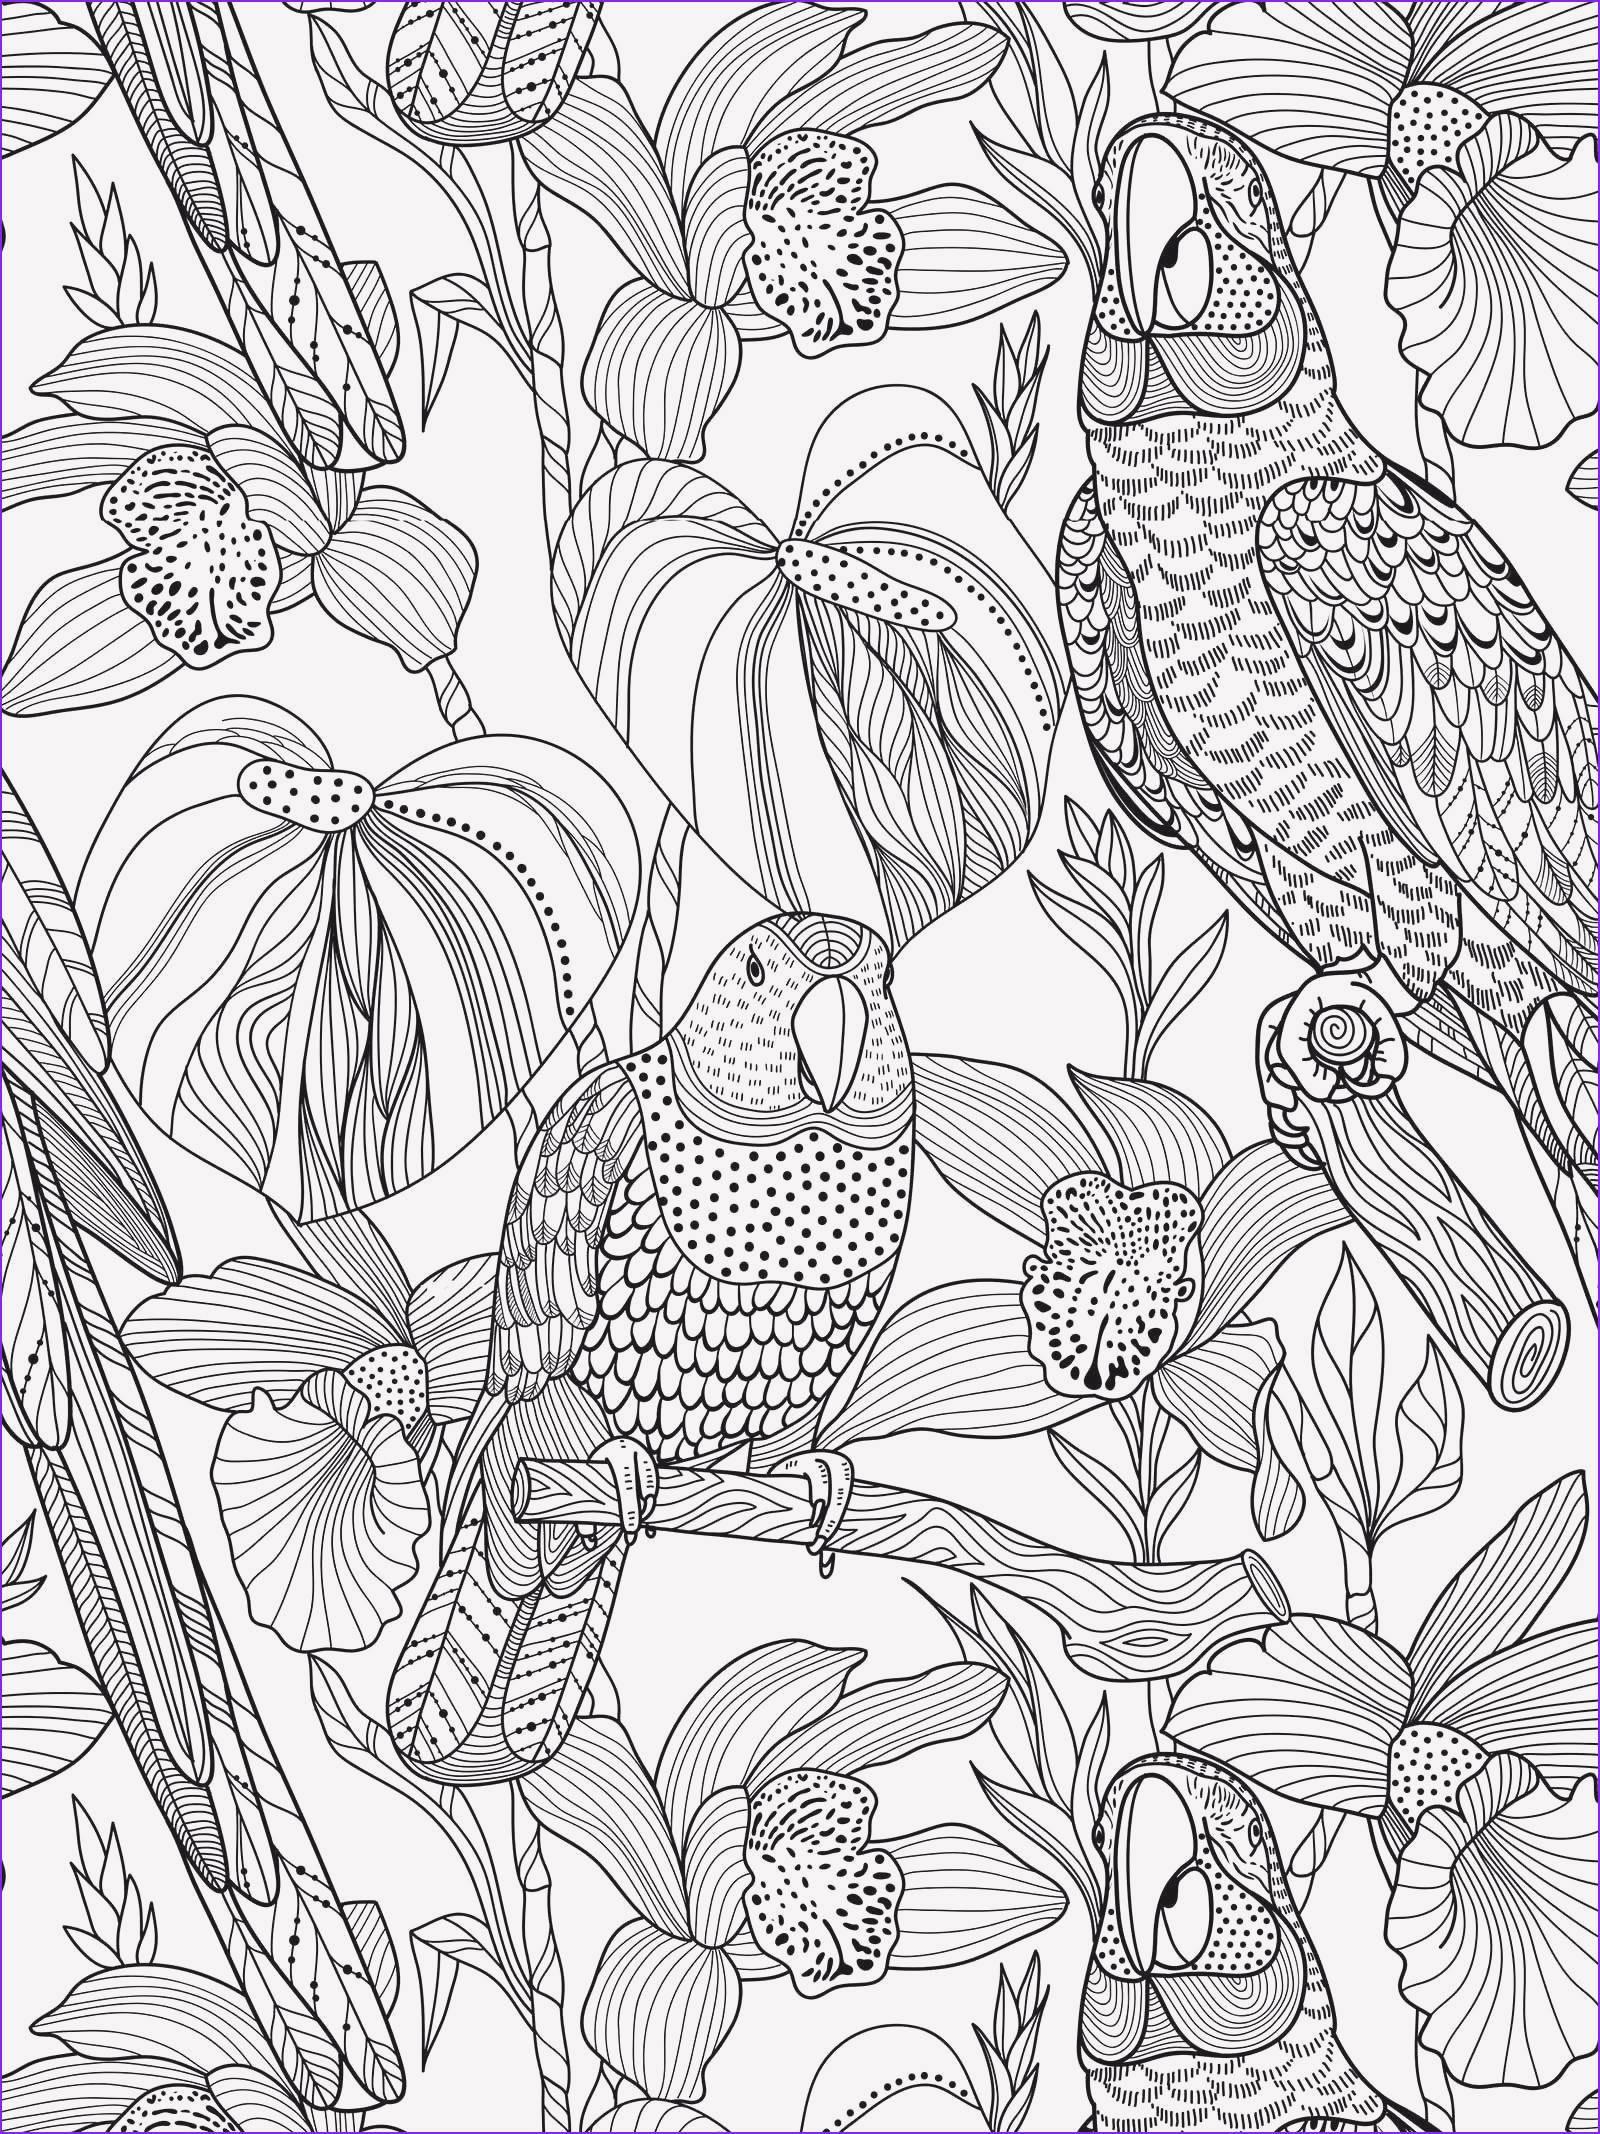 Papagei Zum Ausmalen Inspirierend 40 Schön Papagei Ausmalbilder – Große Coloring Page Sammlung Stock